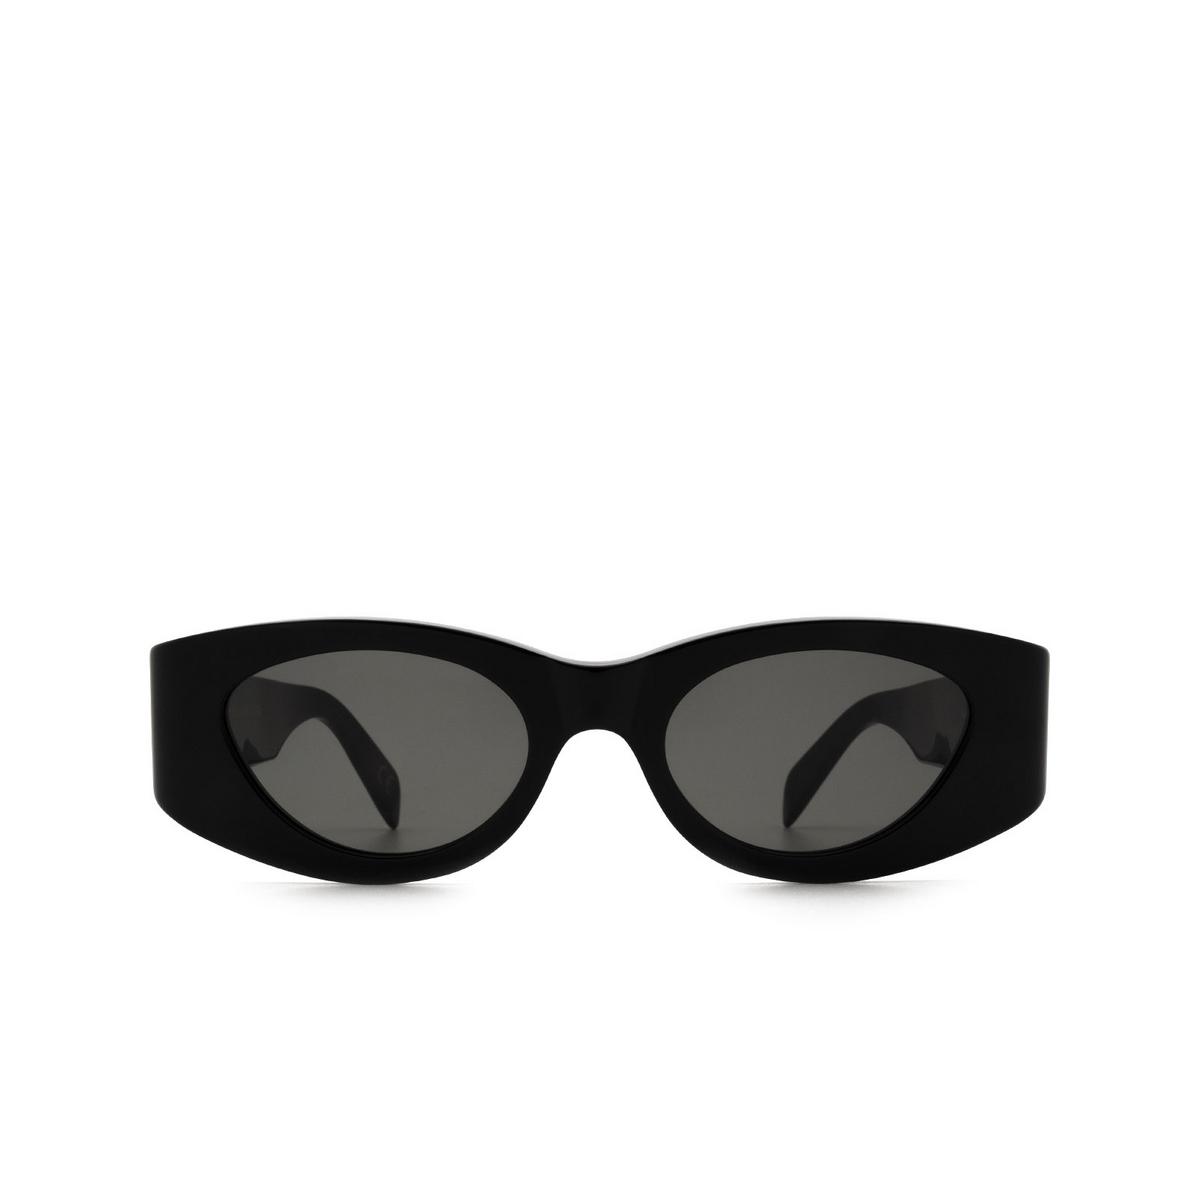 Retrosuperfuture® Oval Sunglasses: Atena color Black JM6 - front view.